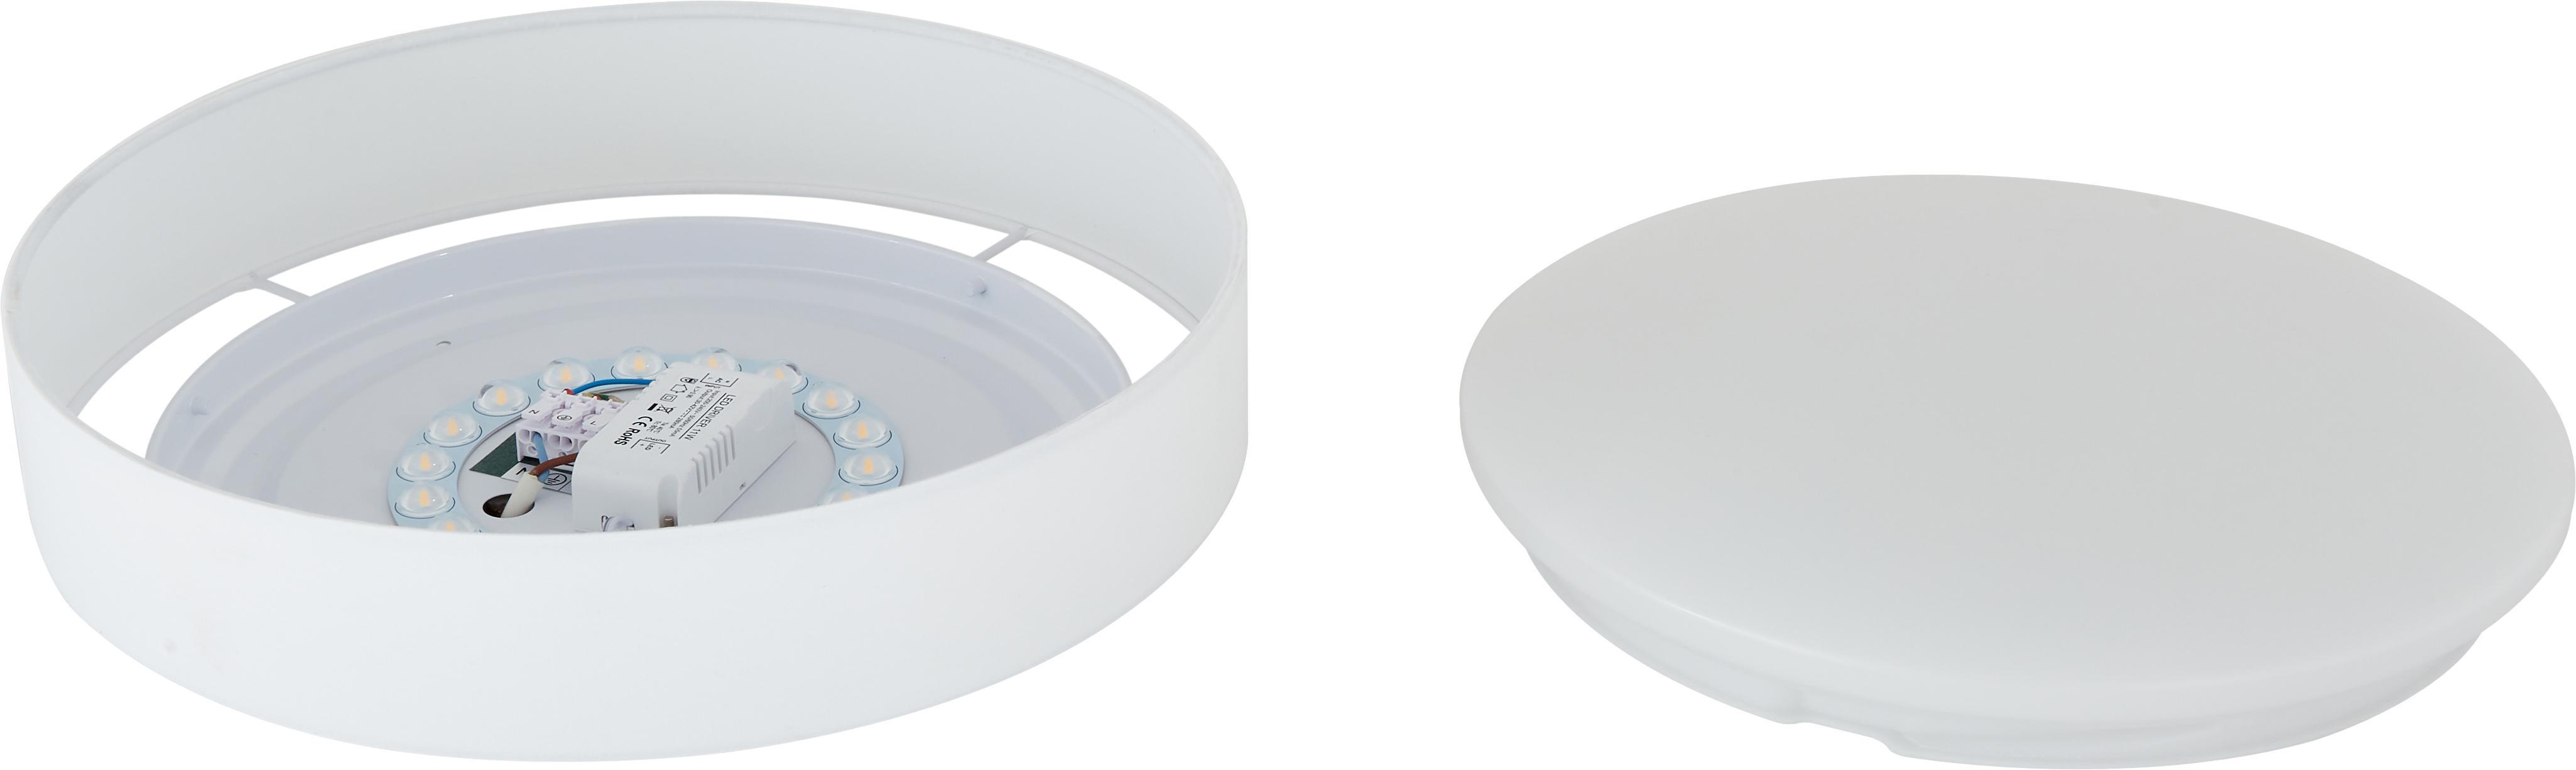 LED-Deckenleuchte Helen, Rahmen: Metall, Diffusorscheibe: Kunststoff, Weiß, ∅ 35 x H 7 cm